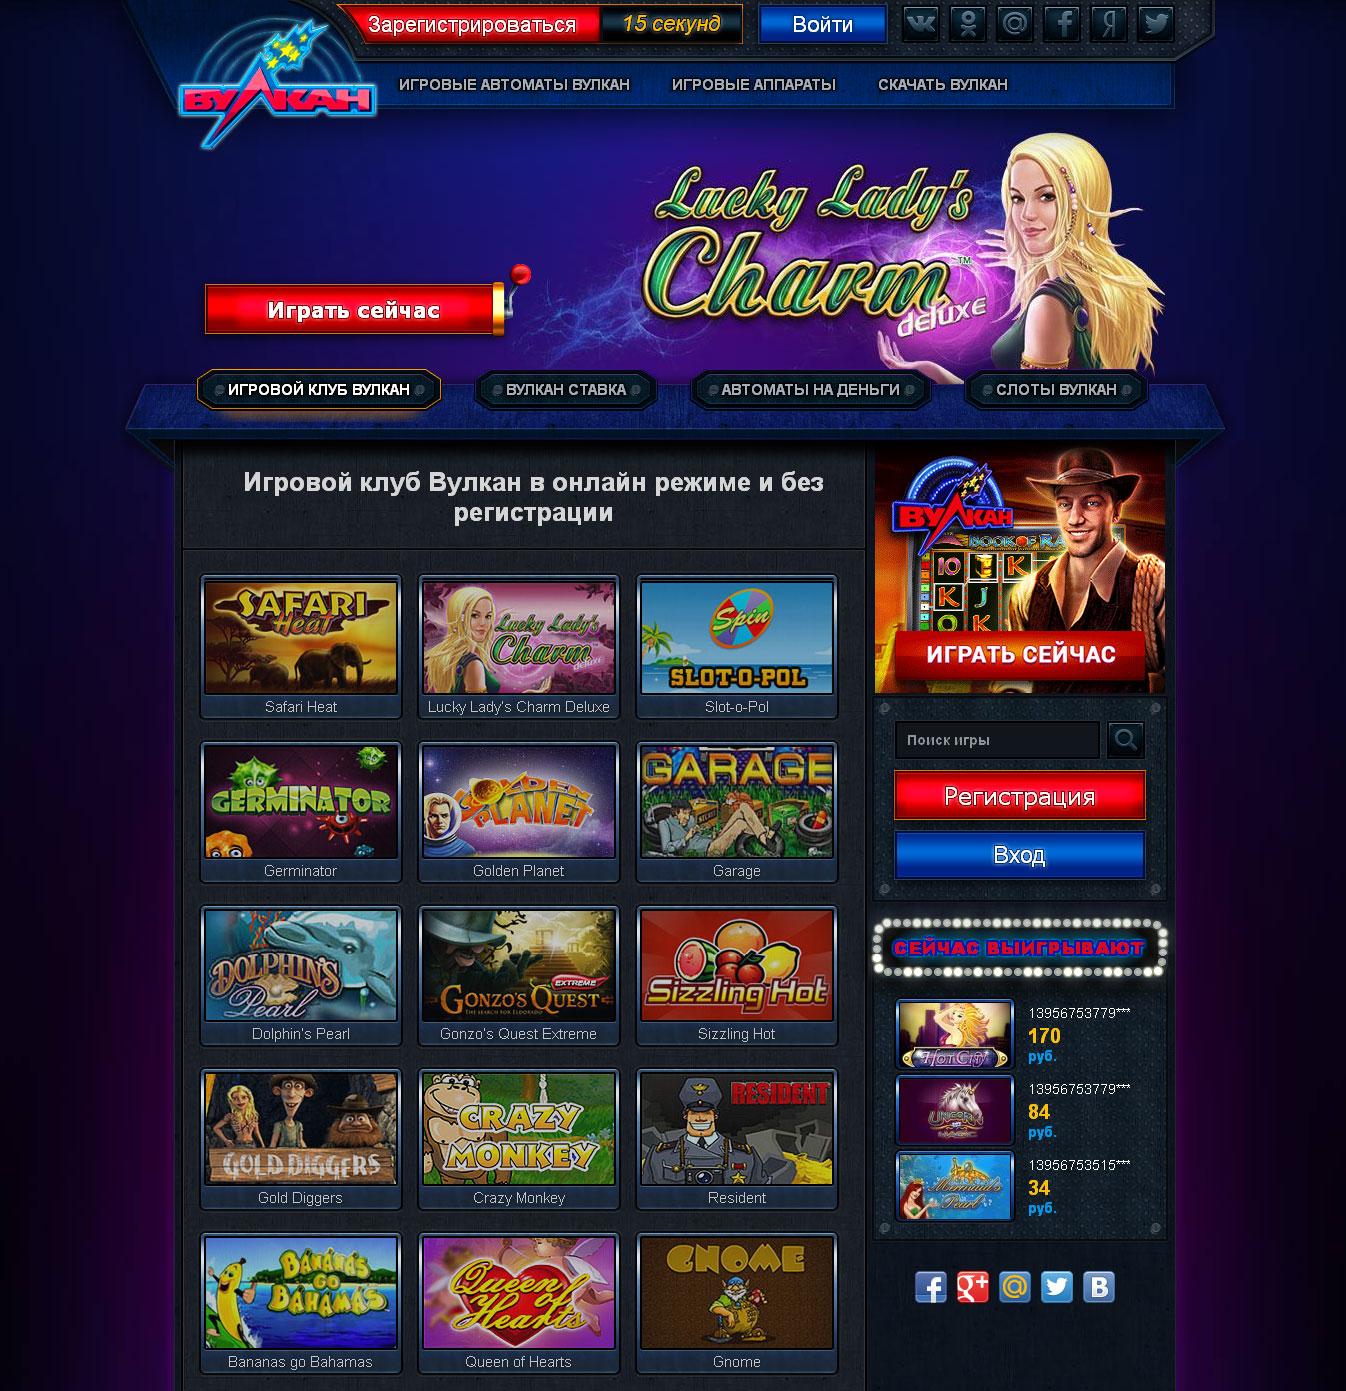 Игровой клуб Вулкан в онлайн режиме